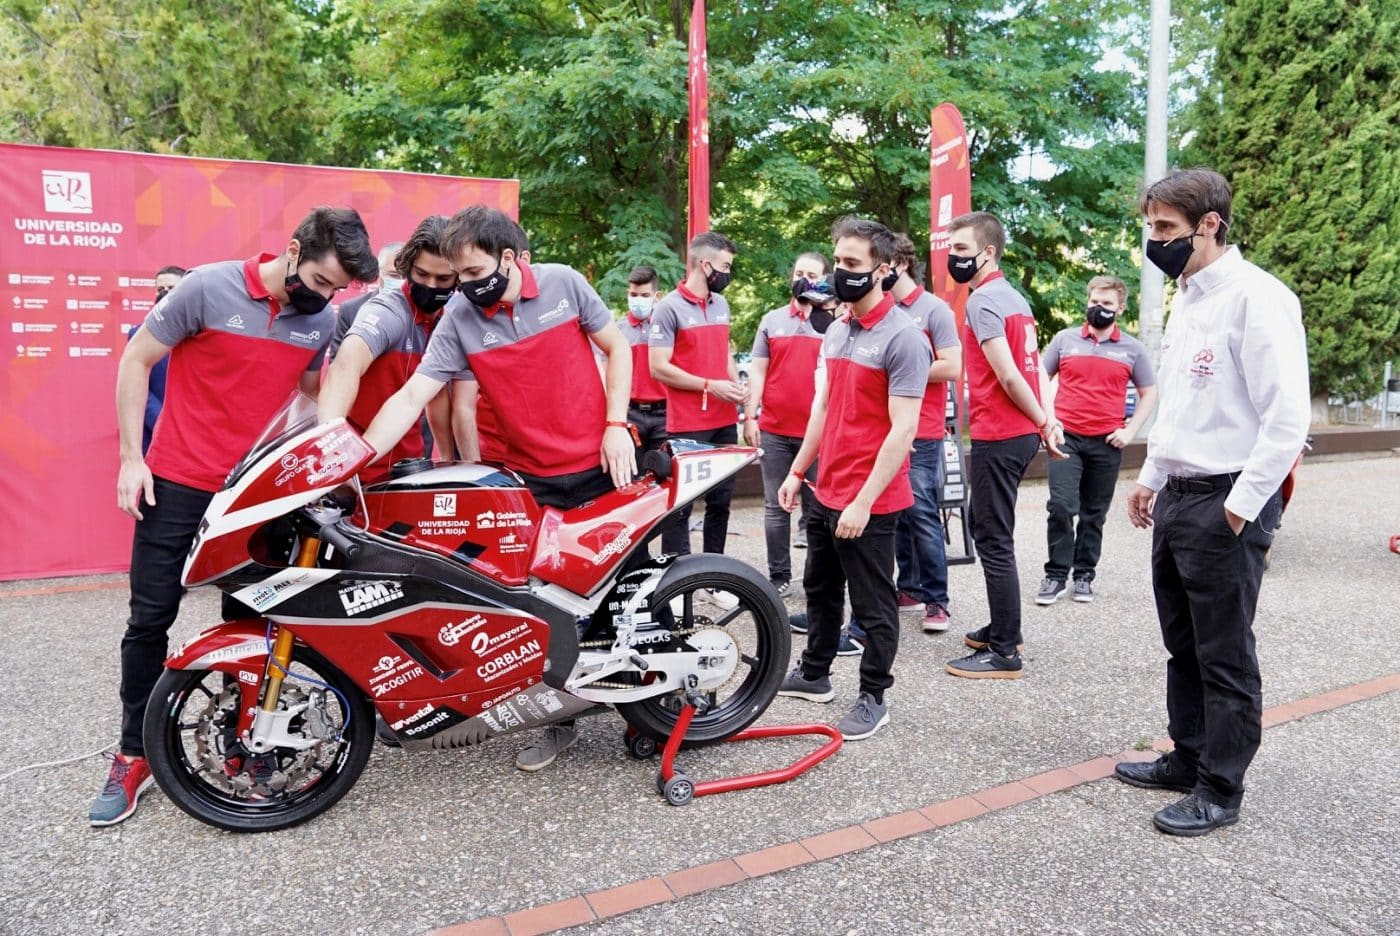 La moto eléctrica de la UR, lista para competir en el VI Certamen Internacional MotoStudent en Alcañiz 2